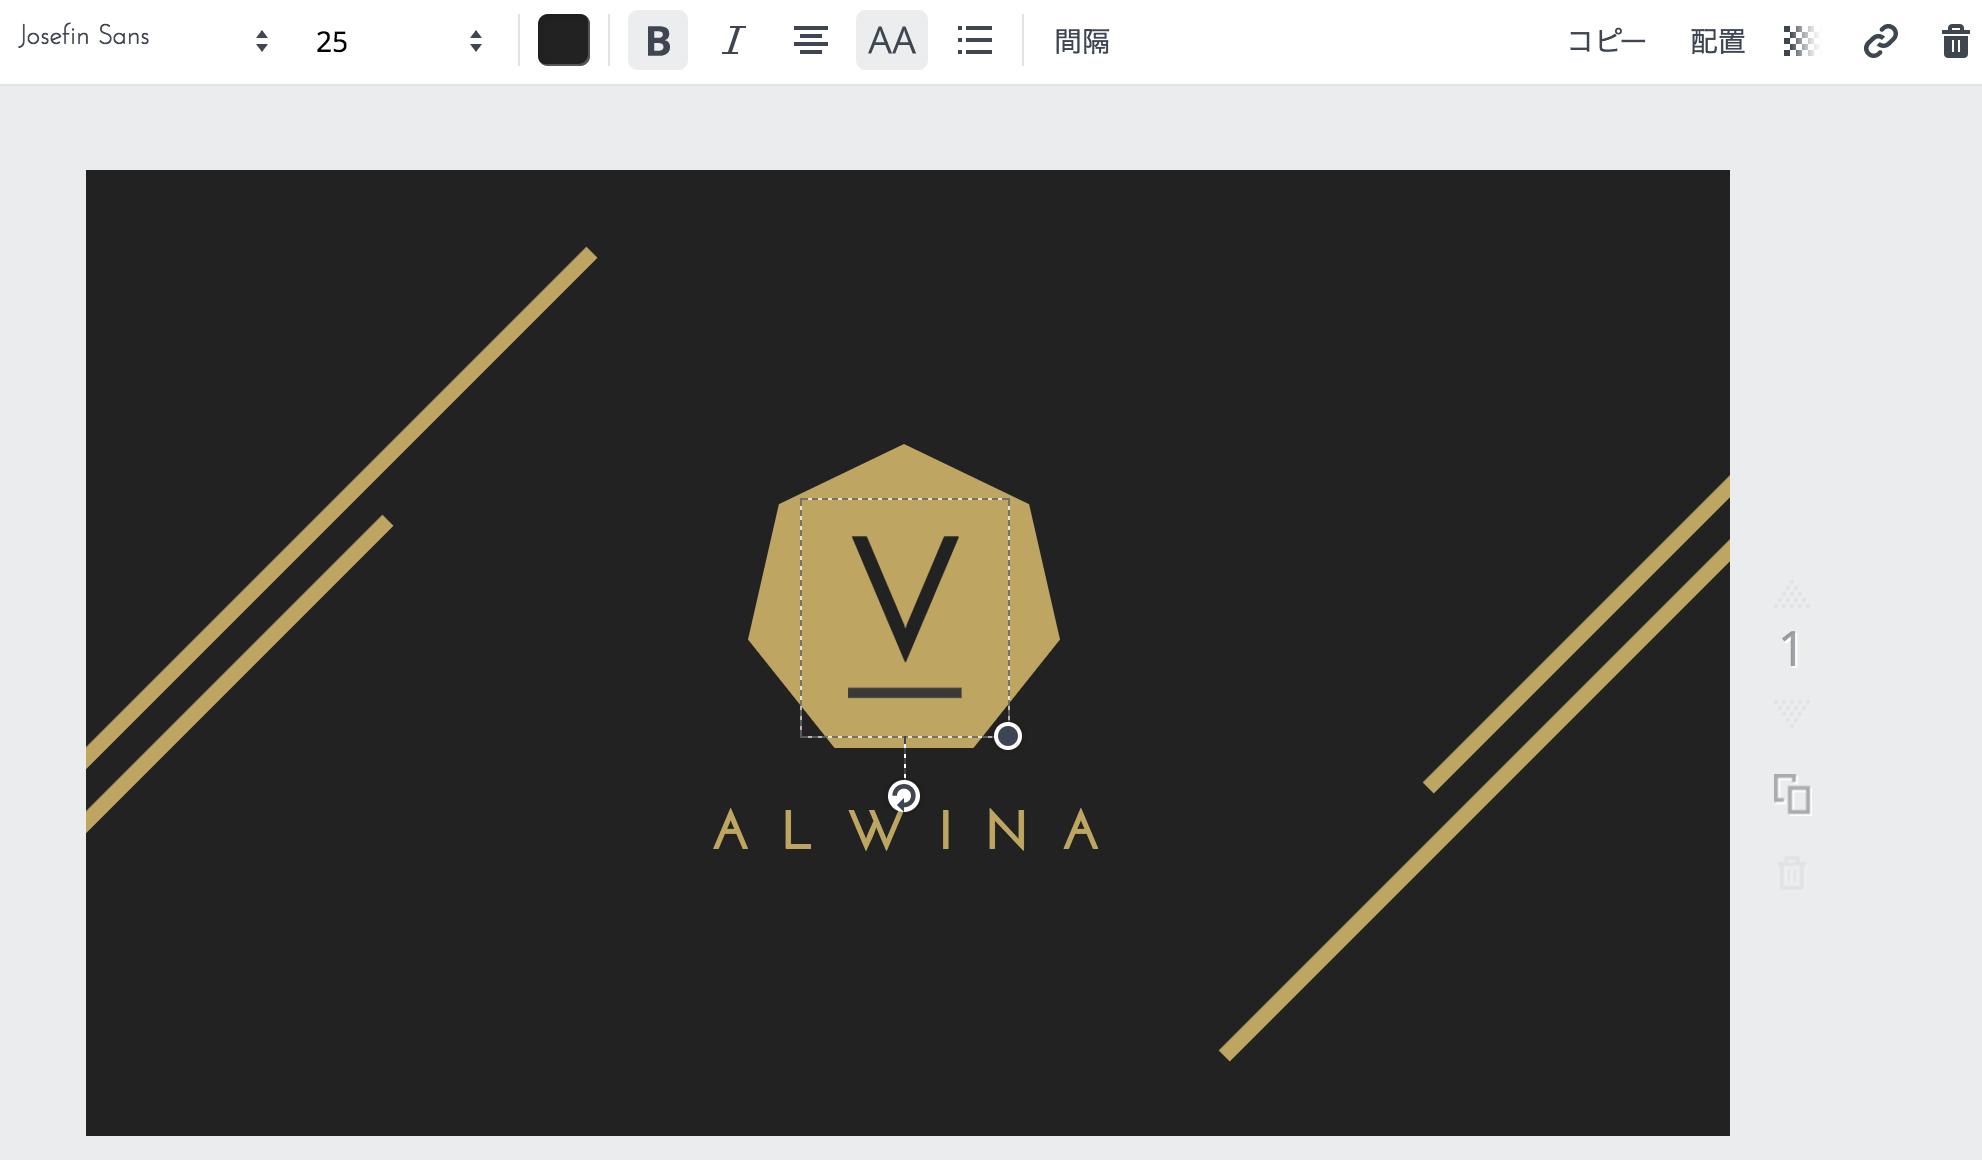 Canvaの名刺作成、編集画面